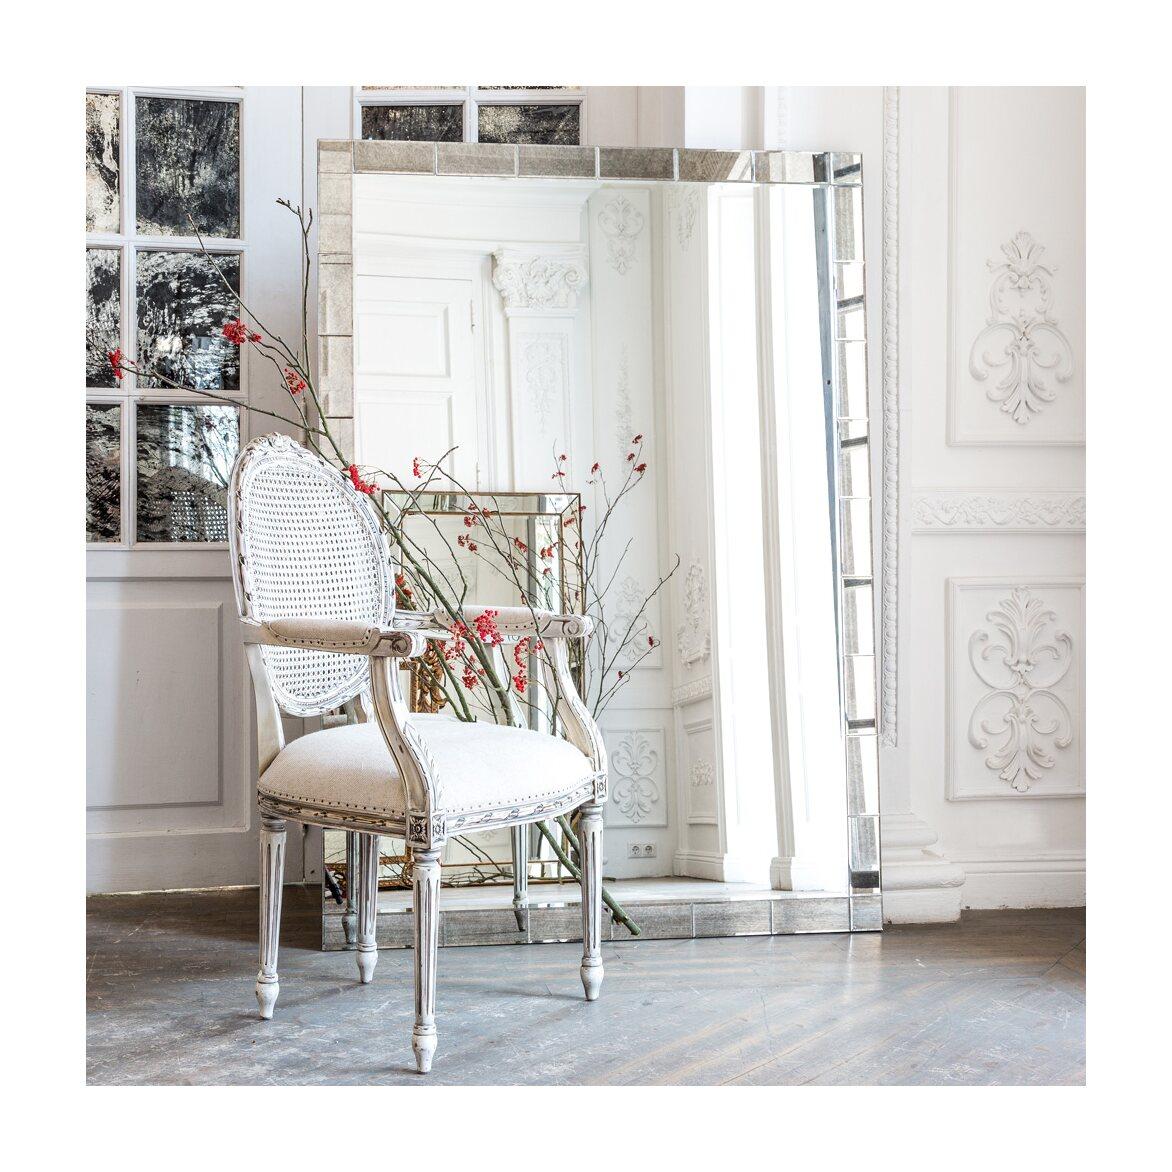 Настенное зеркало «Жаклин» 2 | Настенные зеркала Kingsby